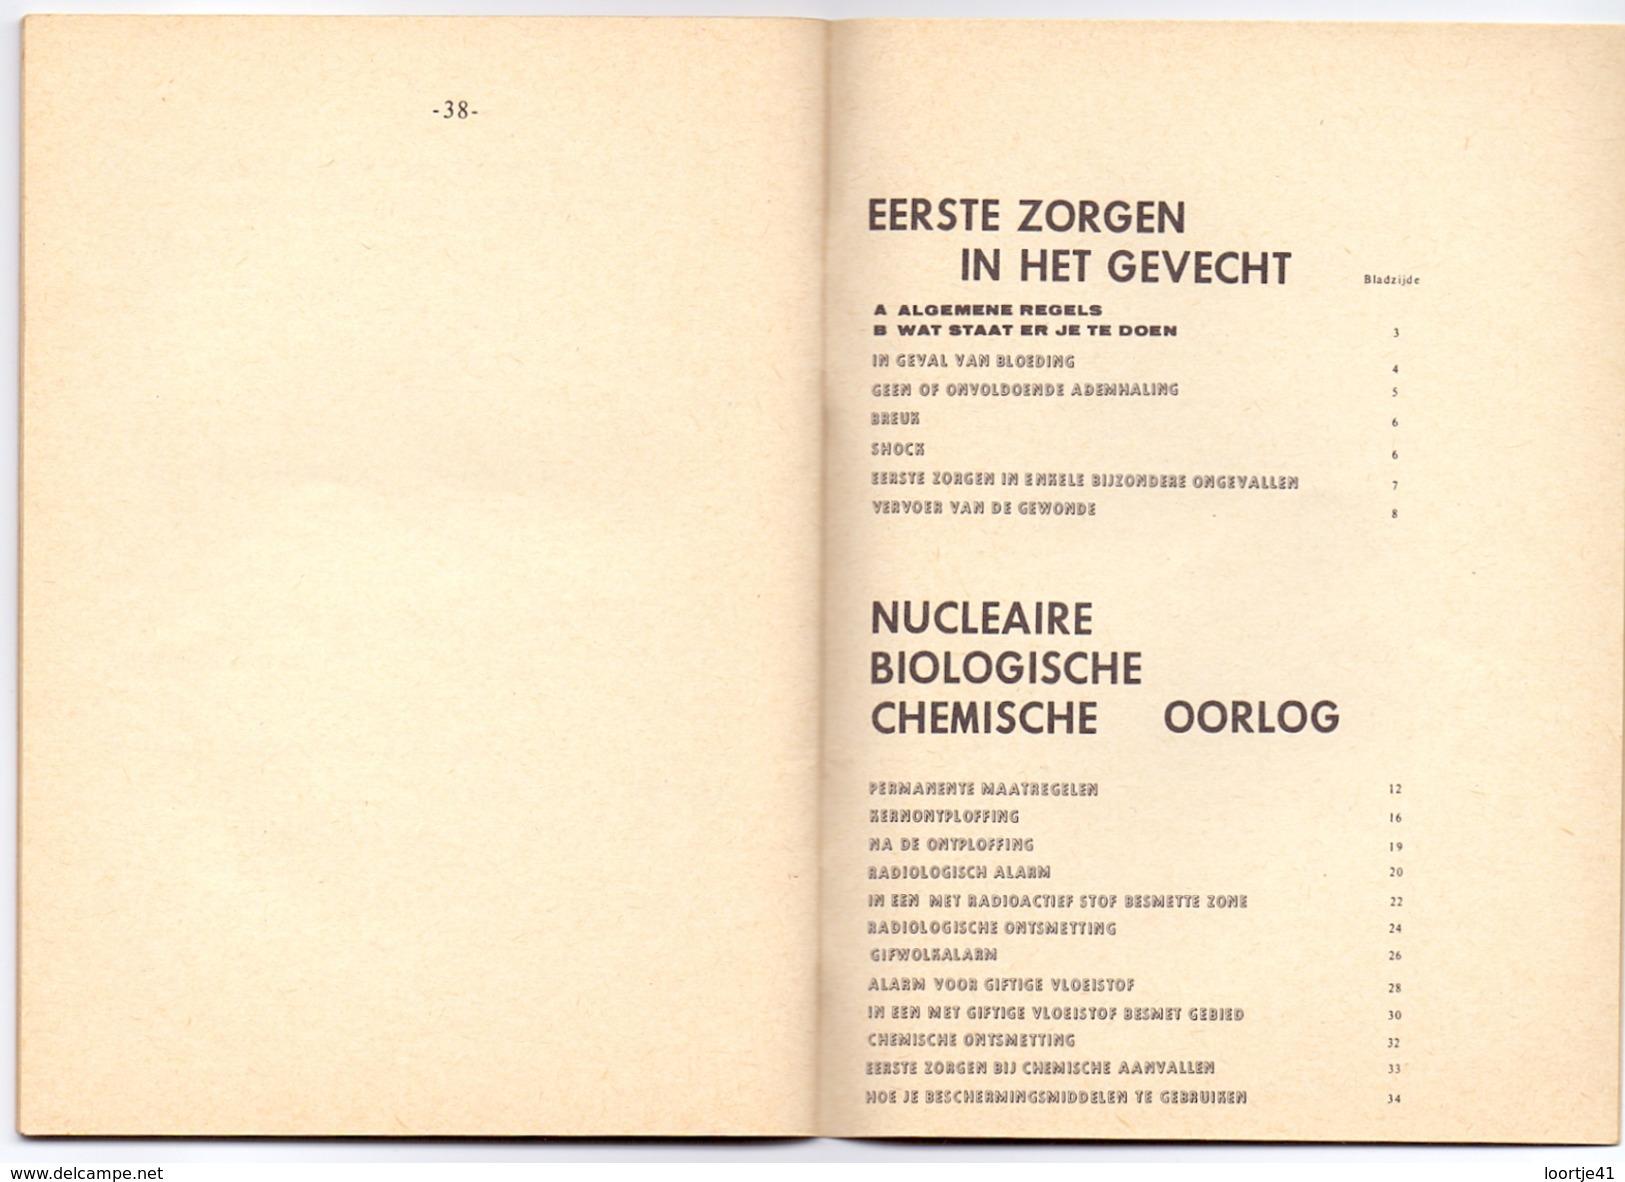 Belgische Krijgsmacht 1971 - Boekje Overleven In Een Gevecht En Bij Nucleaire Biologische Chemische Oorlog 38 Pag. - Books, Magazines  & Catalogs